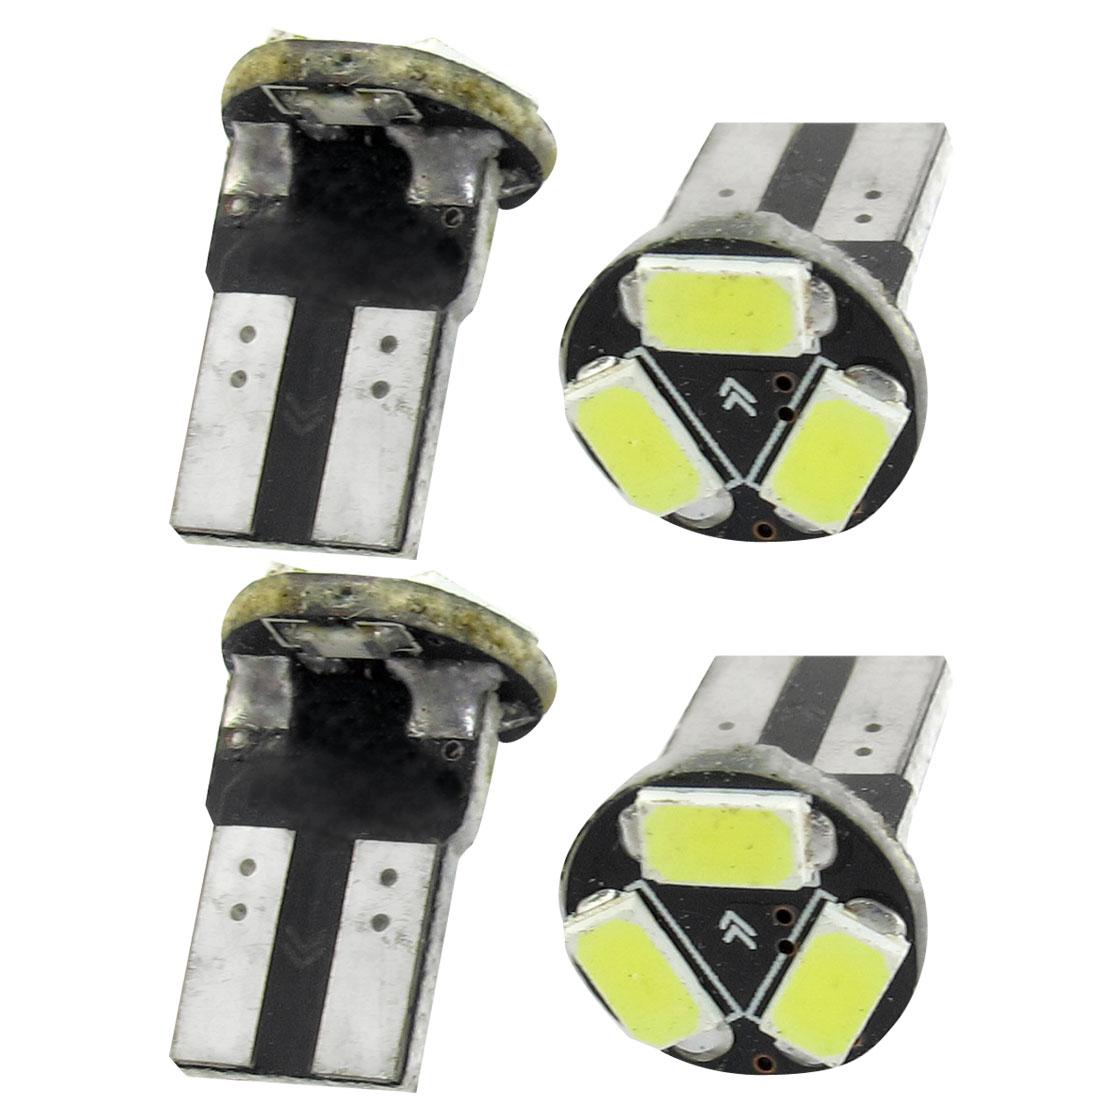 4 Pcs Car Canbus T10 White 5630 SMD 3 LED Wedge Light Turning Lamp Bulb 12V Internal